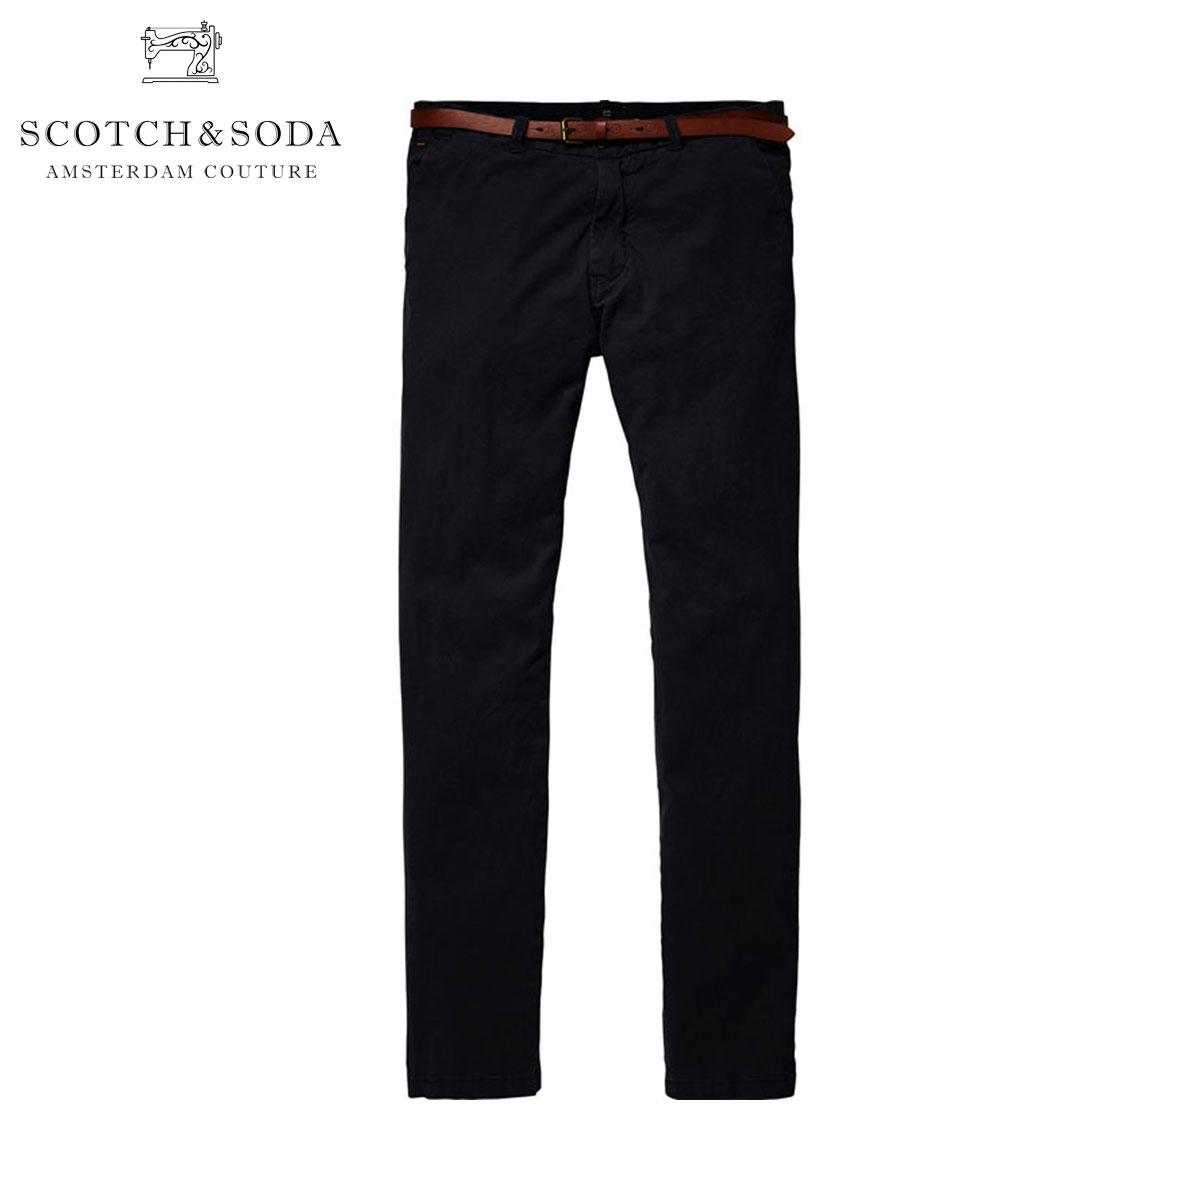 スコッチアンドソーダ SCOTCH&SODA 正規販売店 メンズ チノパン STRETCH COTTON CLASSIC CHINO PANT 136199 0008 BLACK